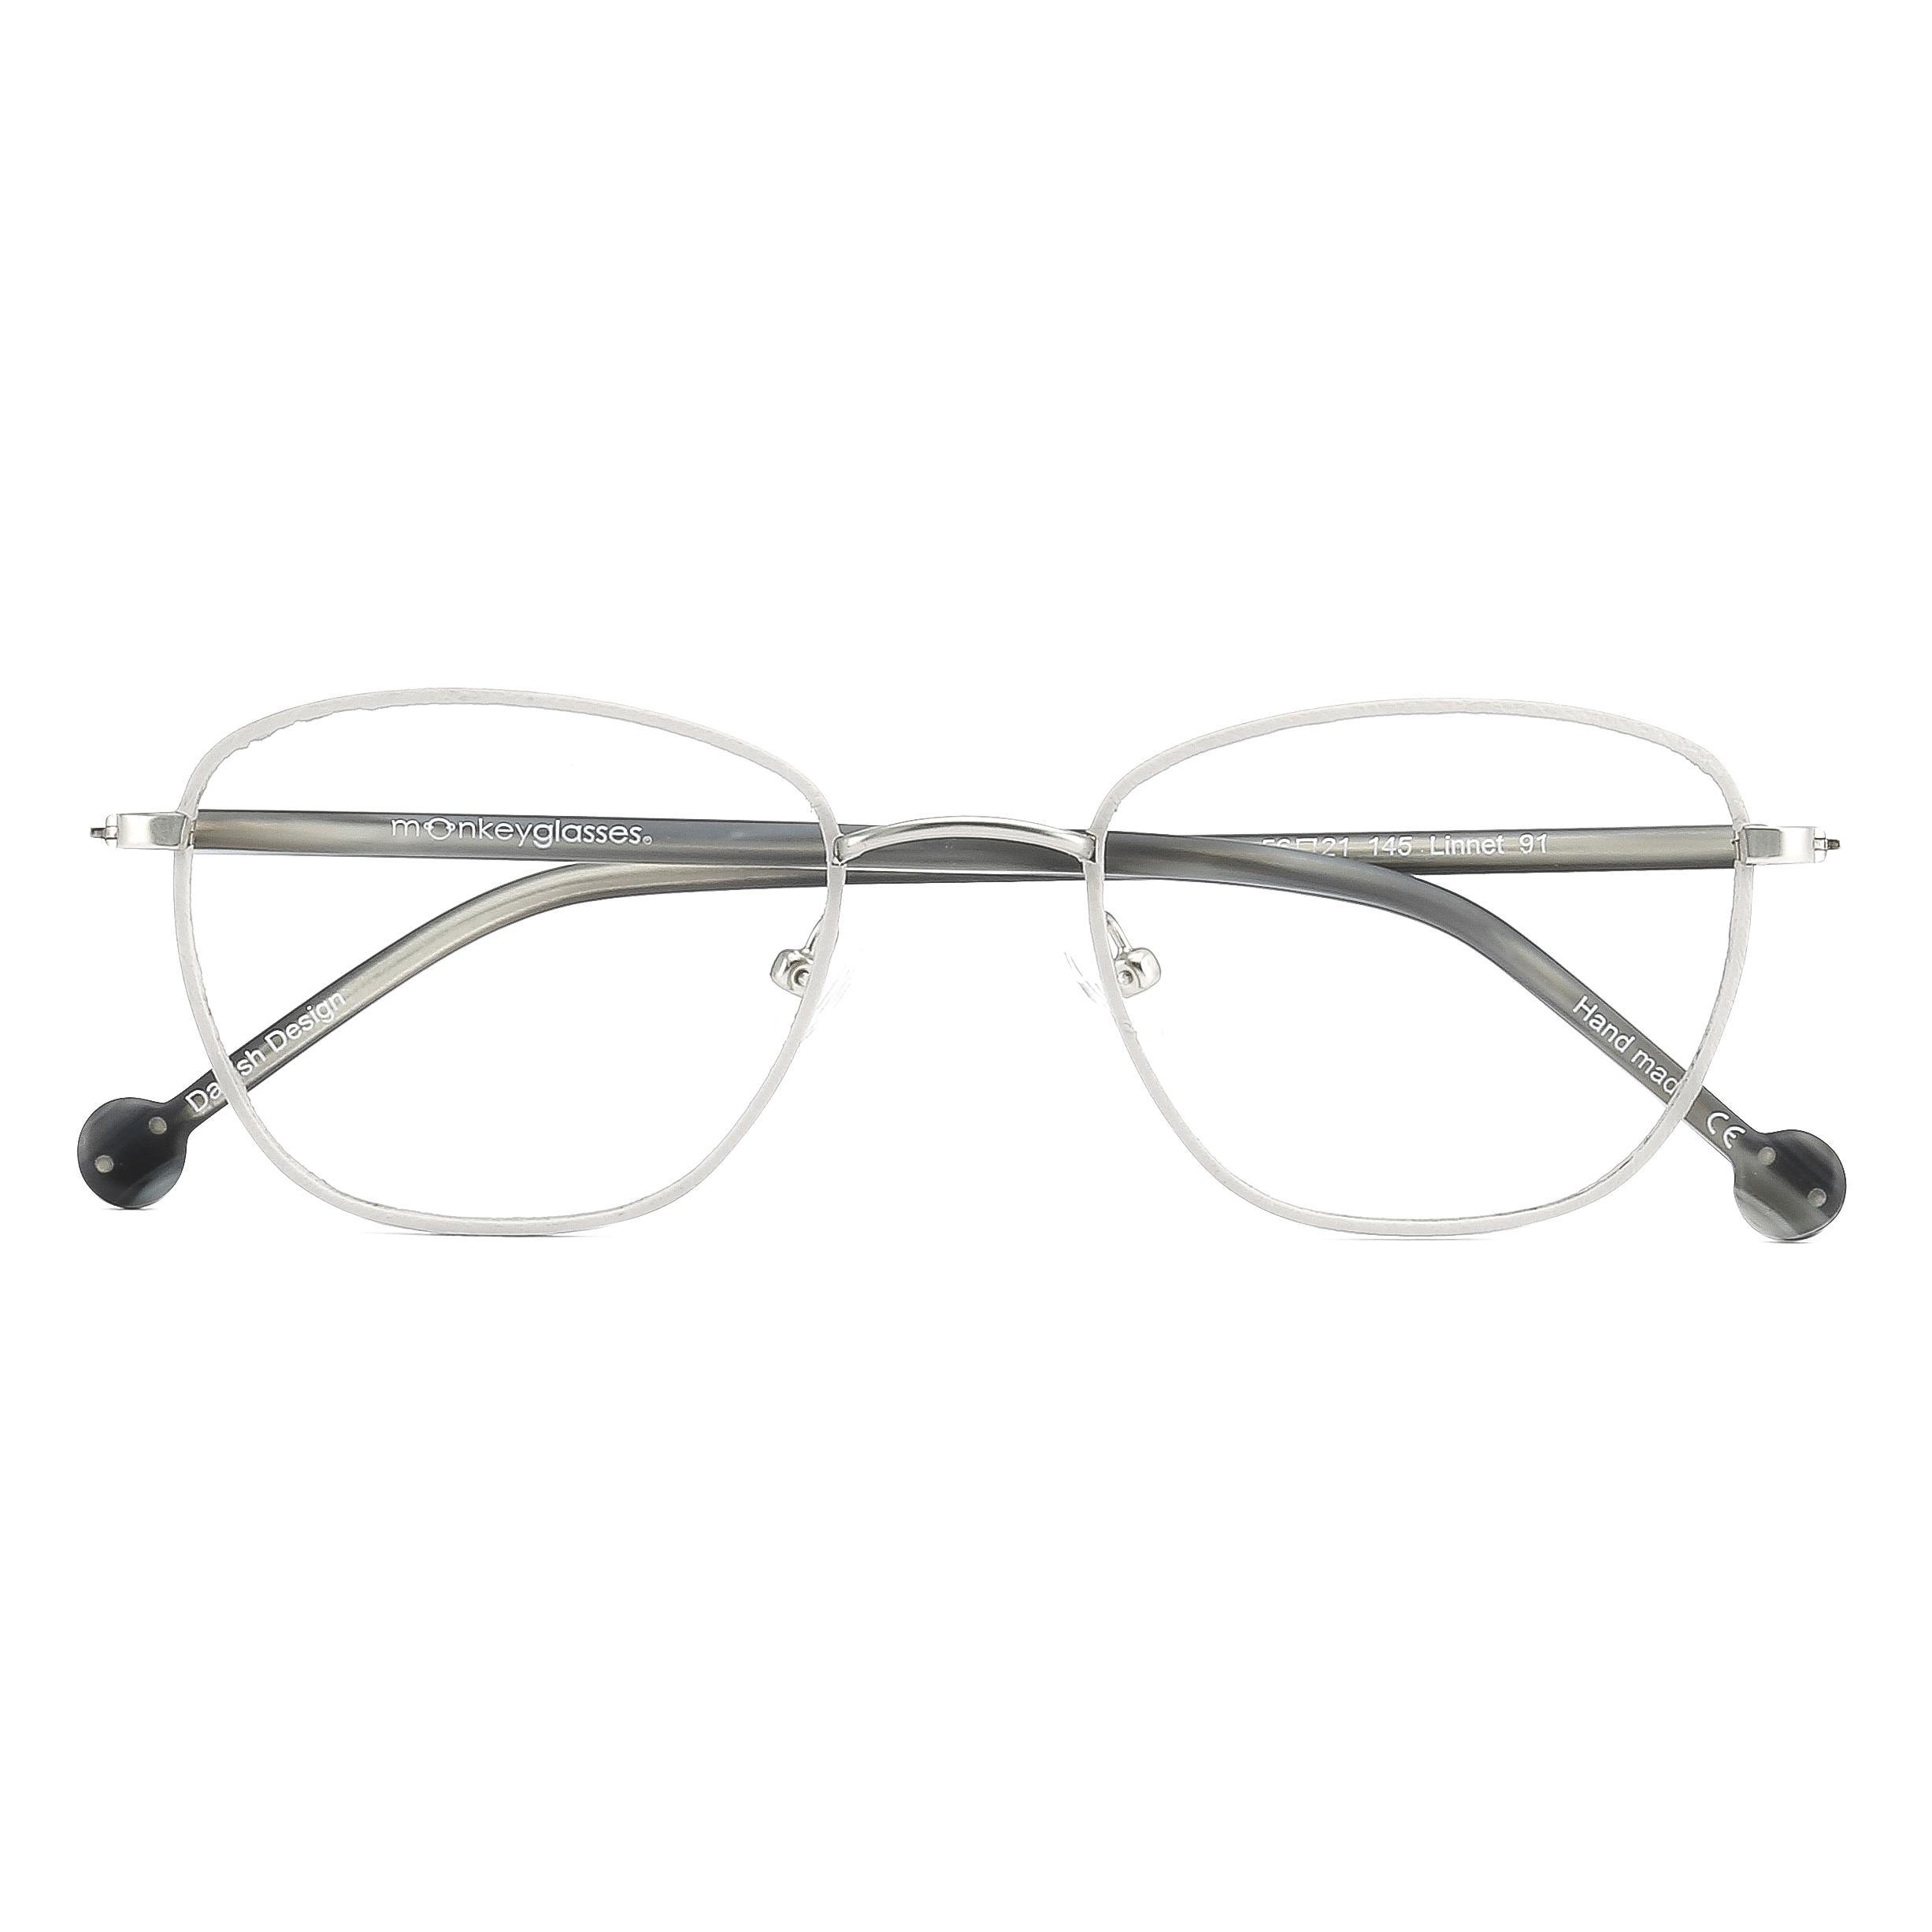 monkeyglasses® | frame: Linnet